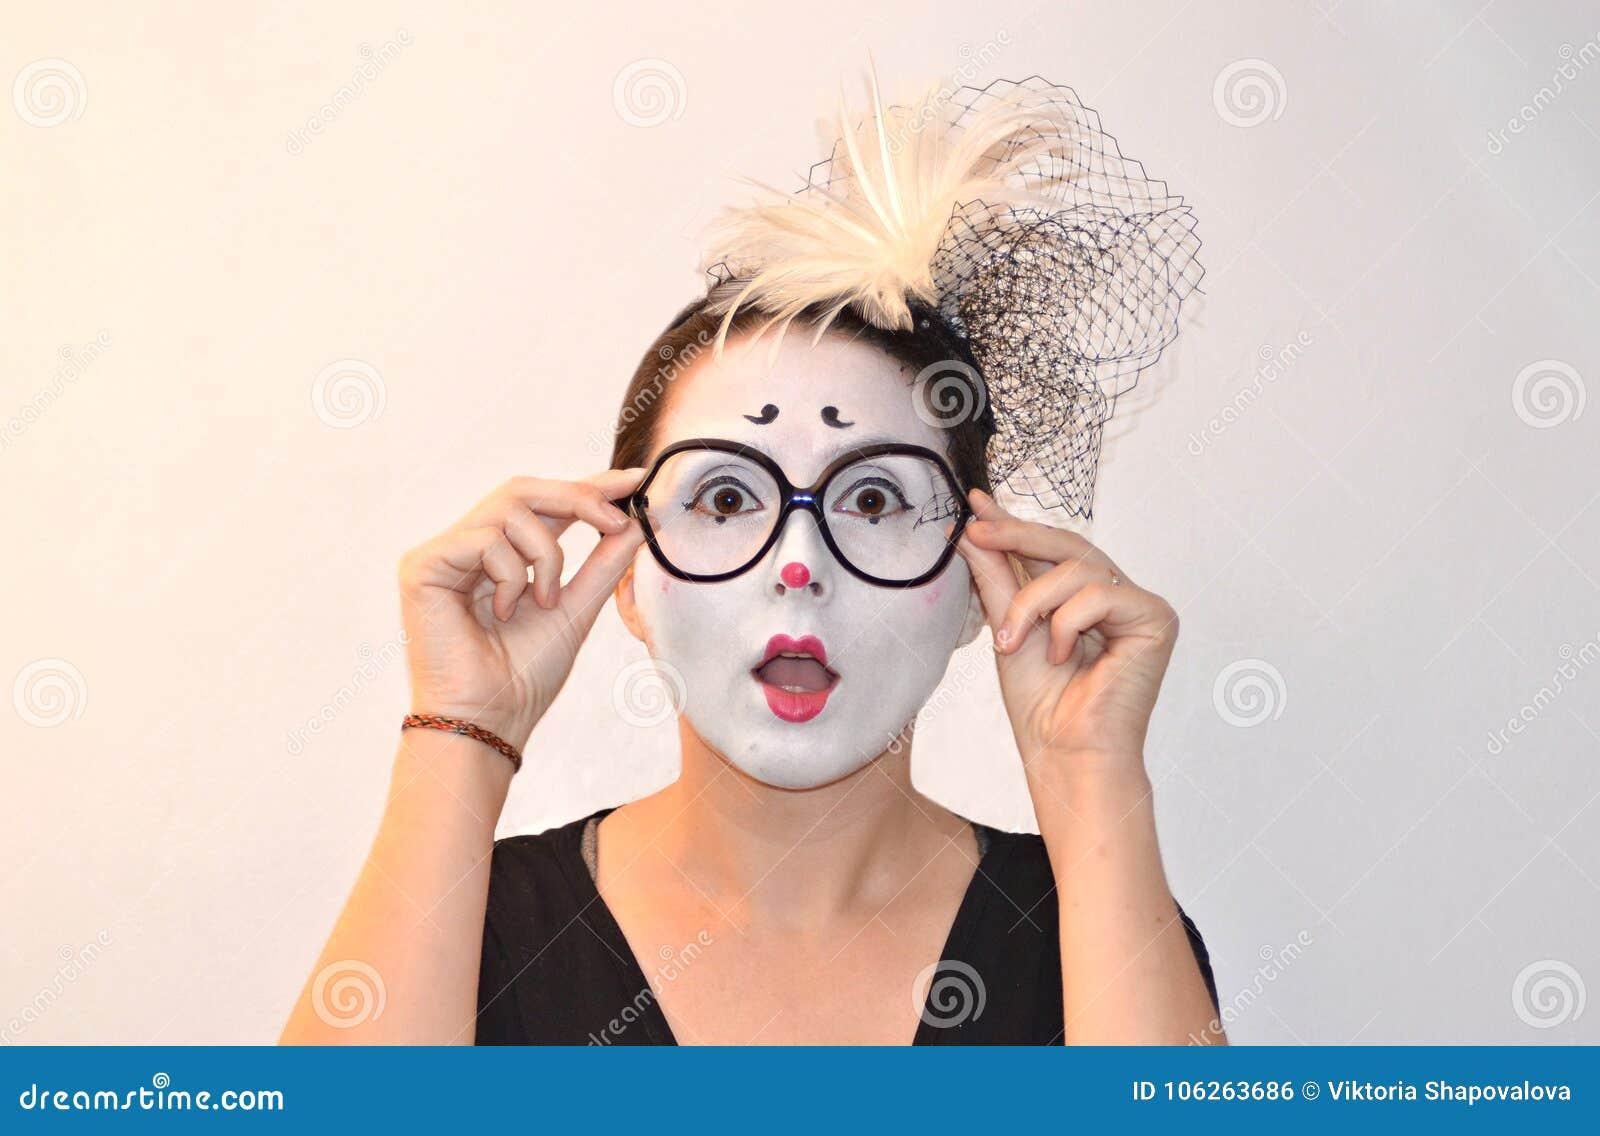 Удивленная и возбужденная красивая девушк-пантомима